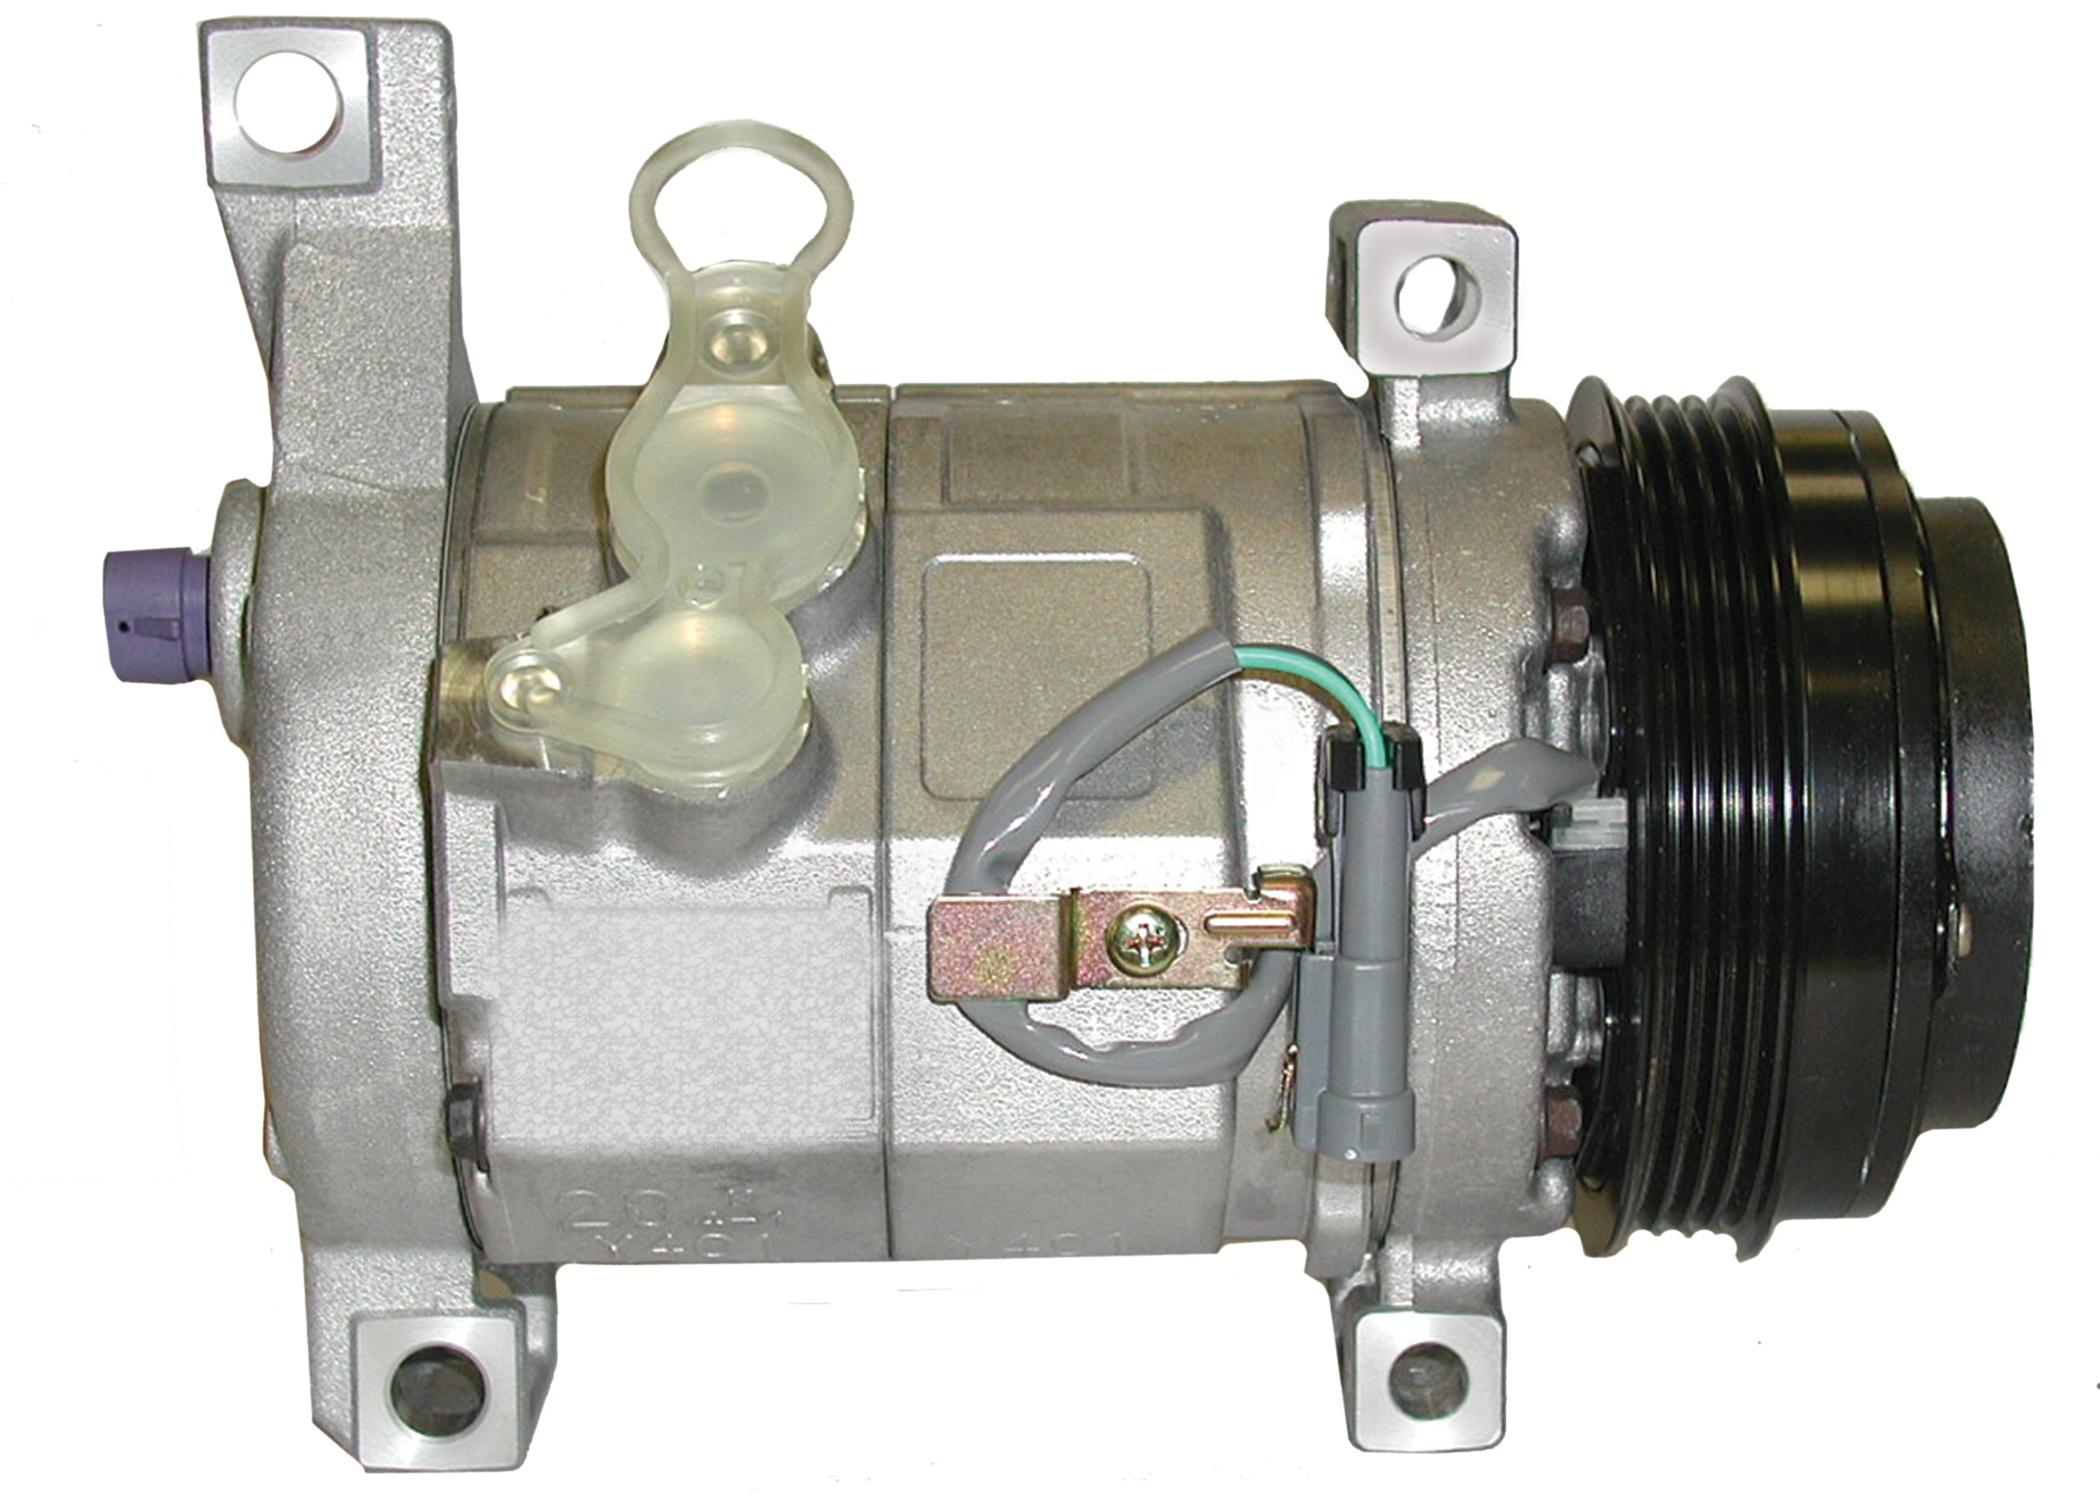 ACDELCO GM ORIGINAL EQUIPMENT - A/C Compressor - DCB 15-21127